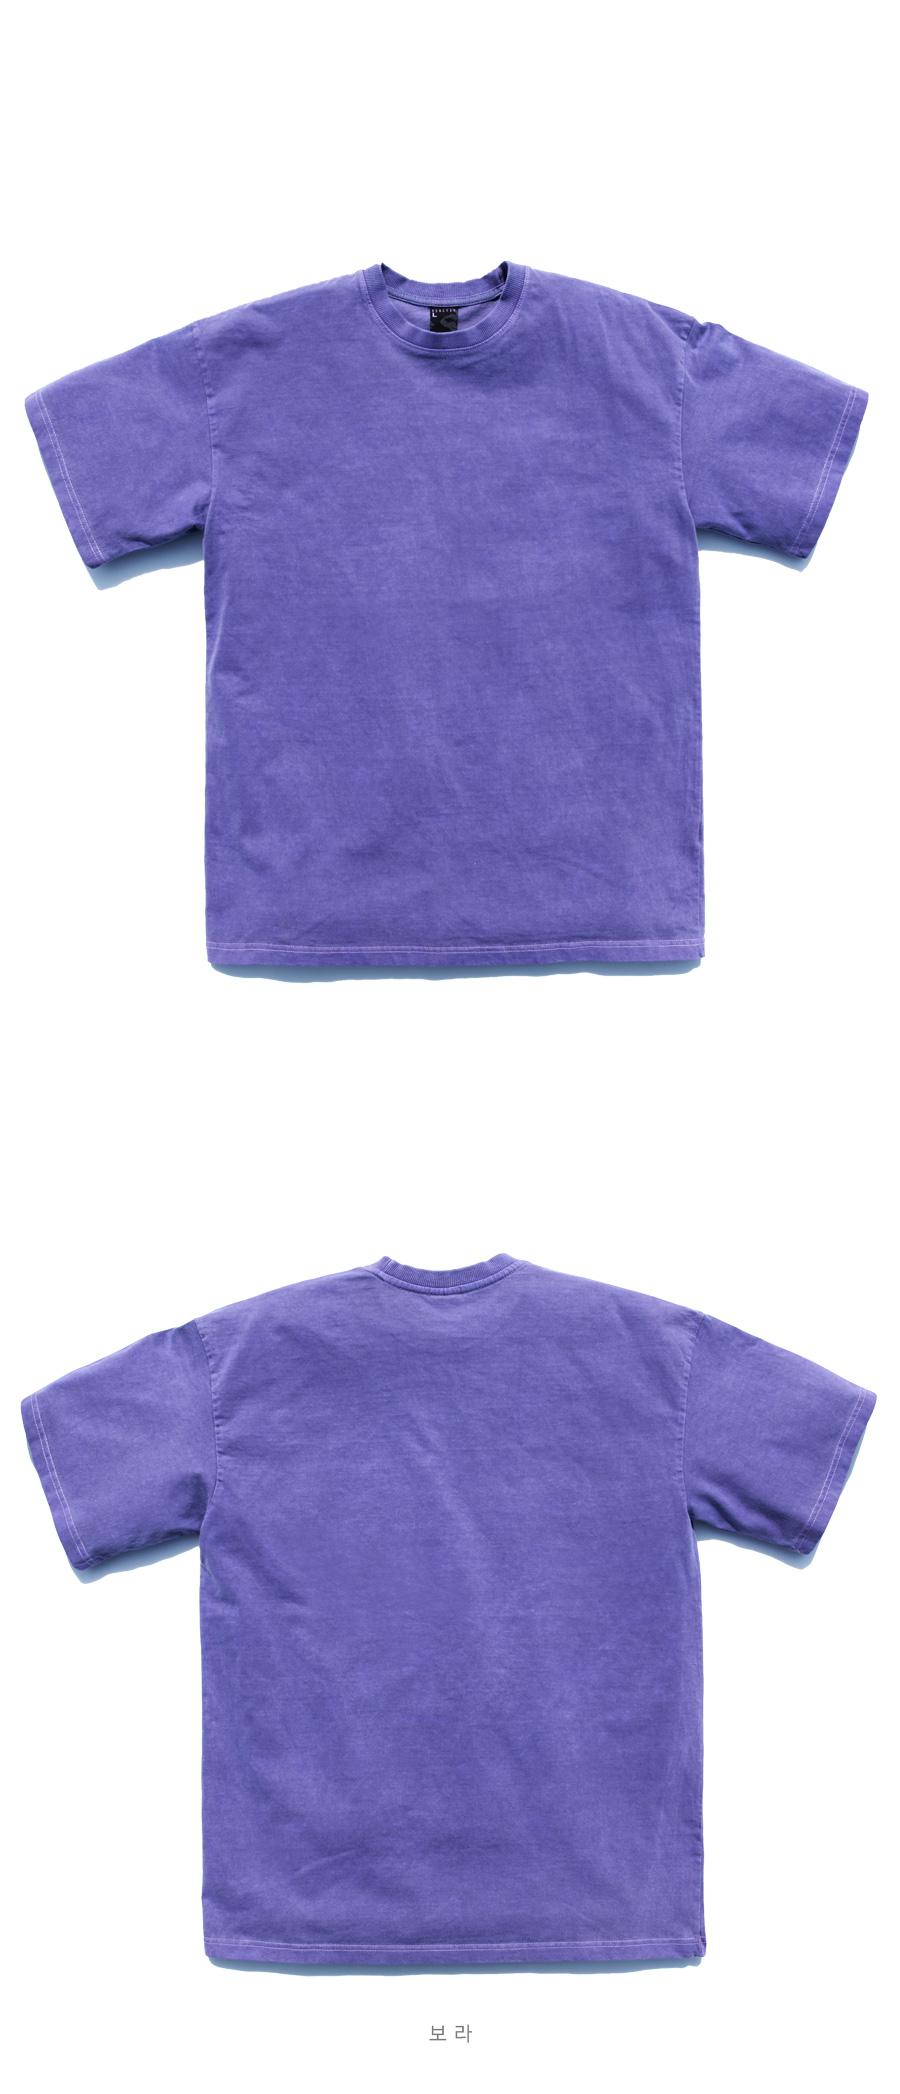 4258_detail_purple_uk_01.jpg